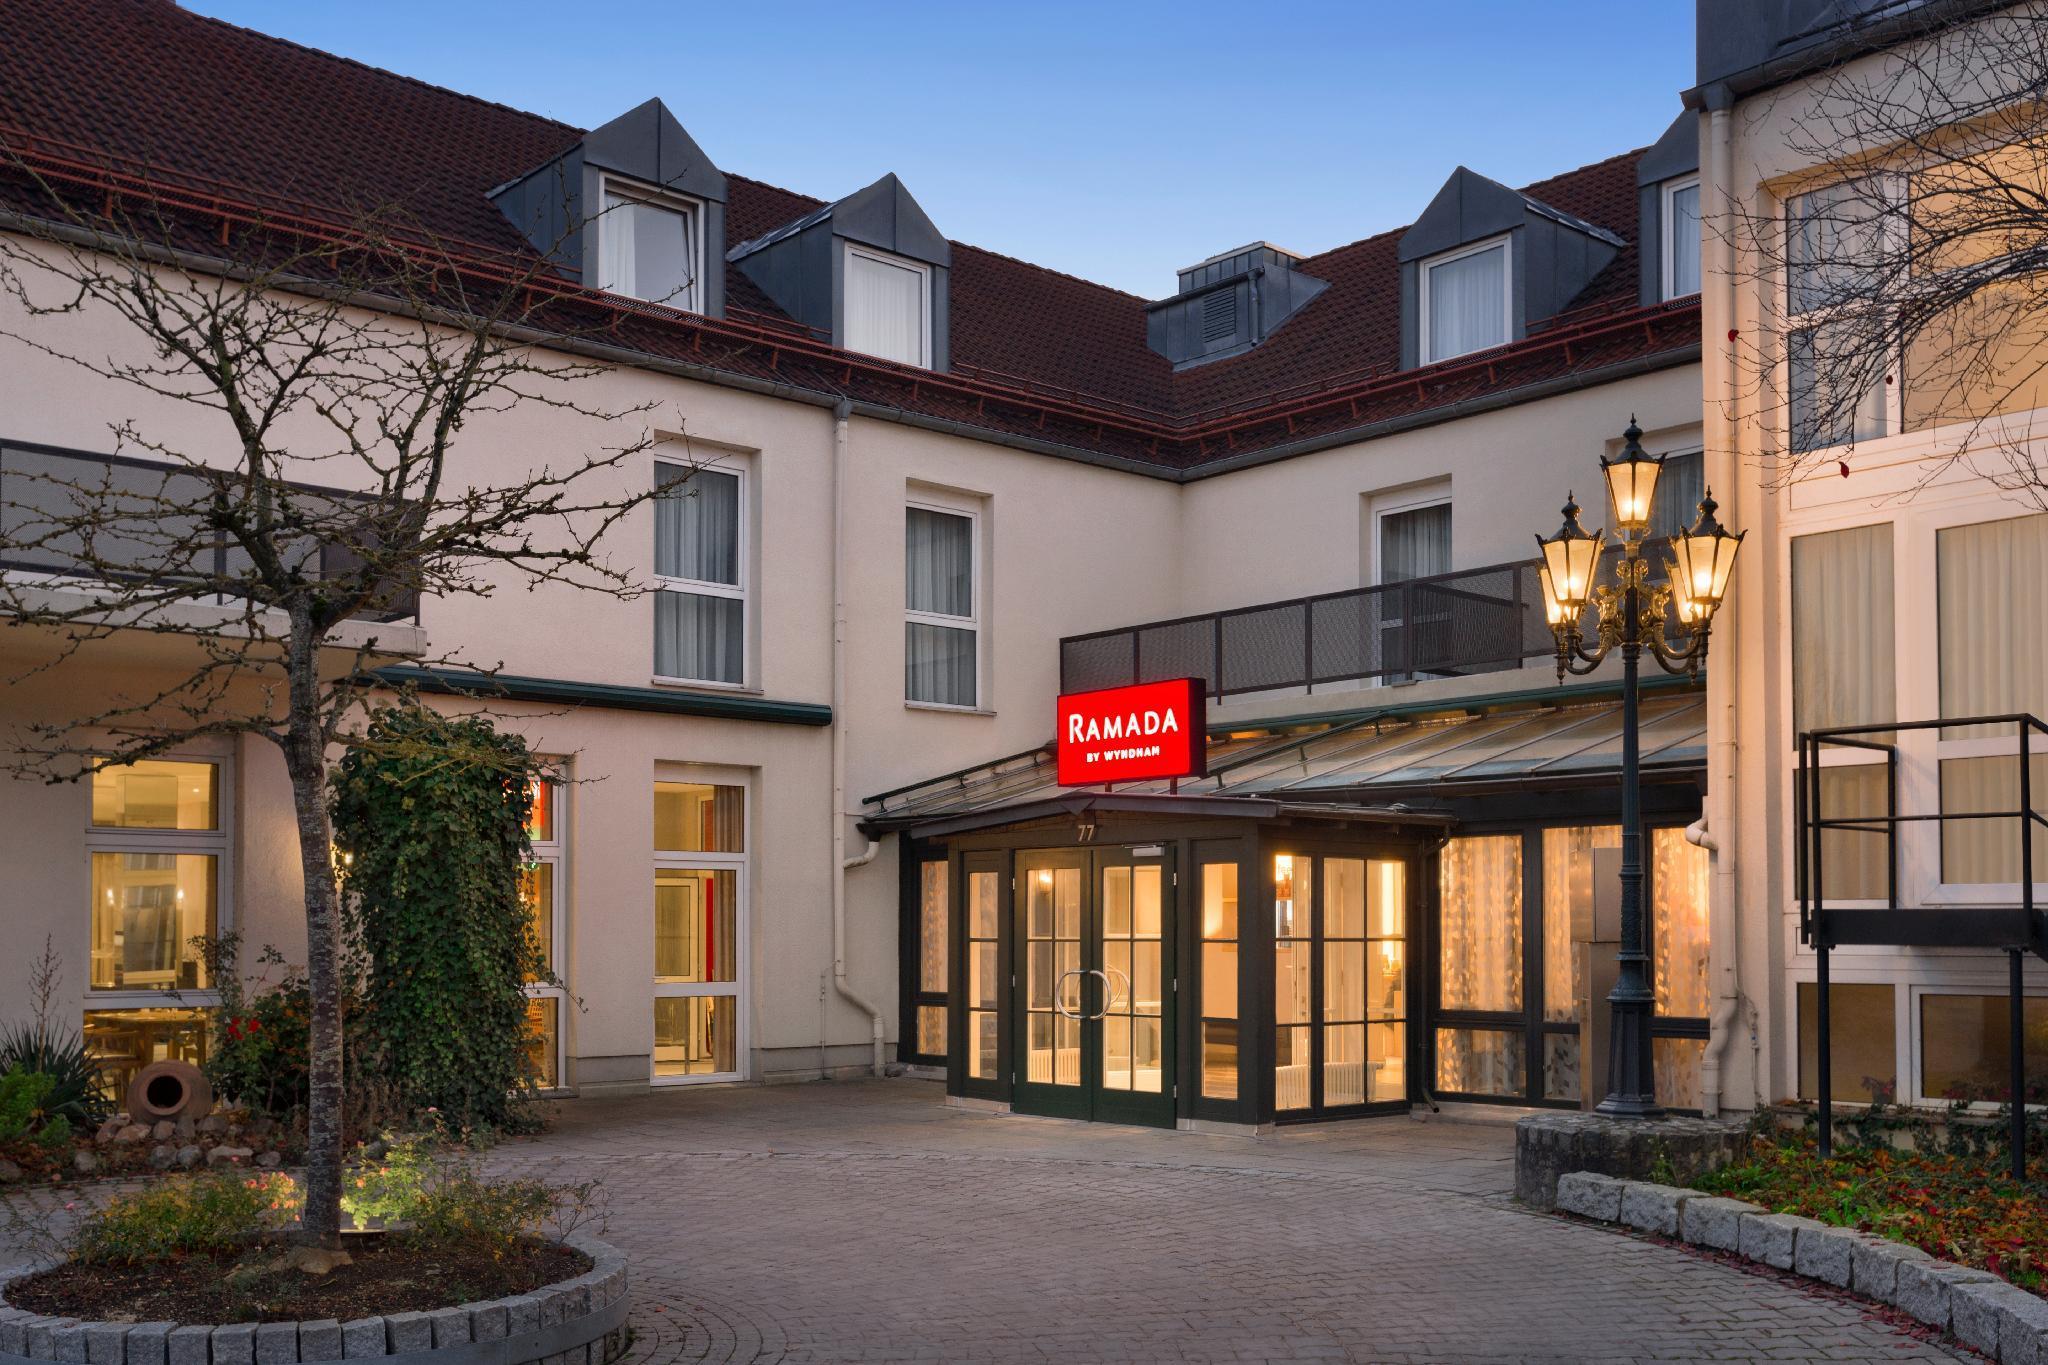 Ramada By Wyndham Muenchen Airport Munich Booking Deals